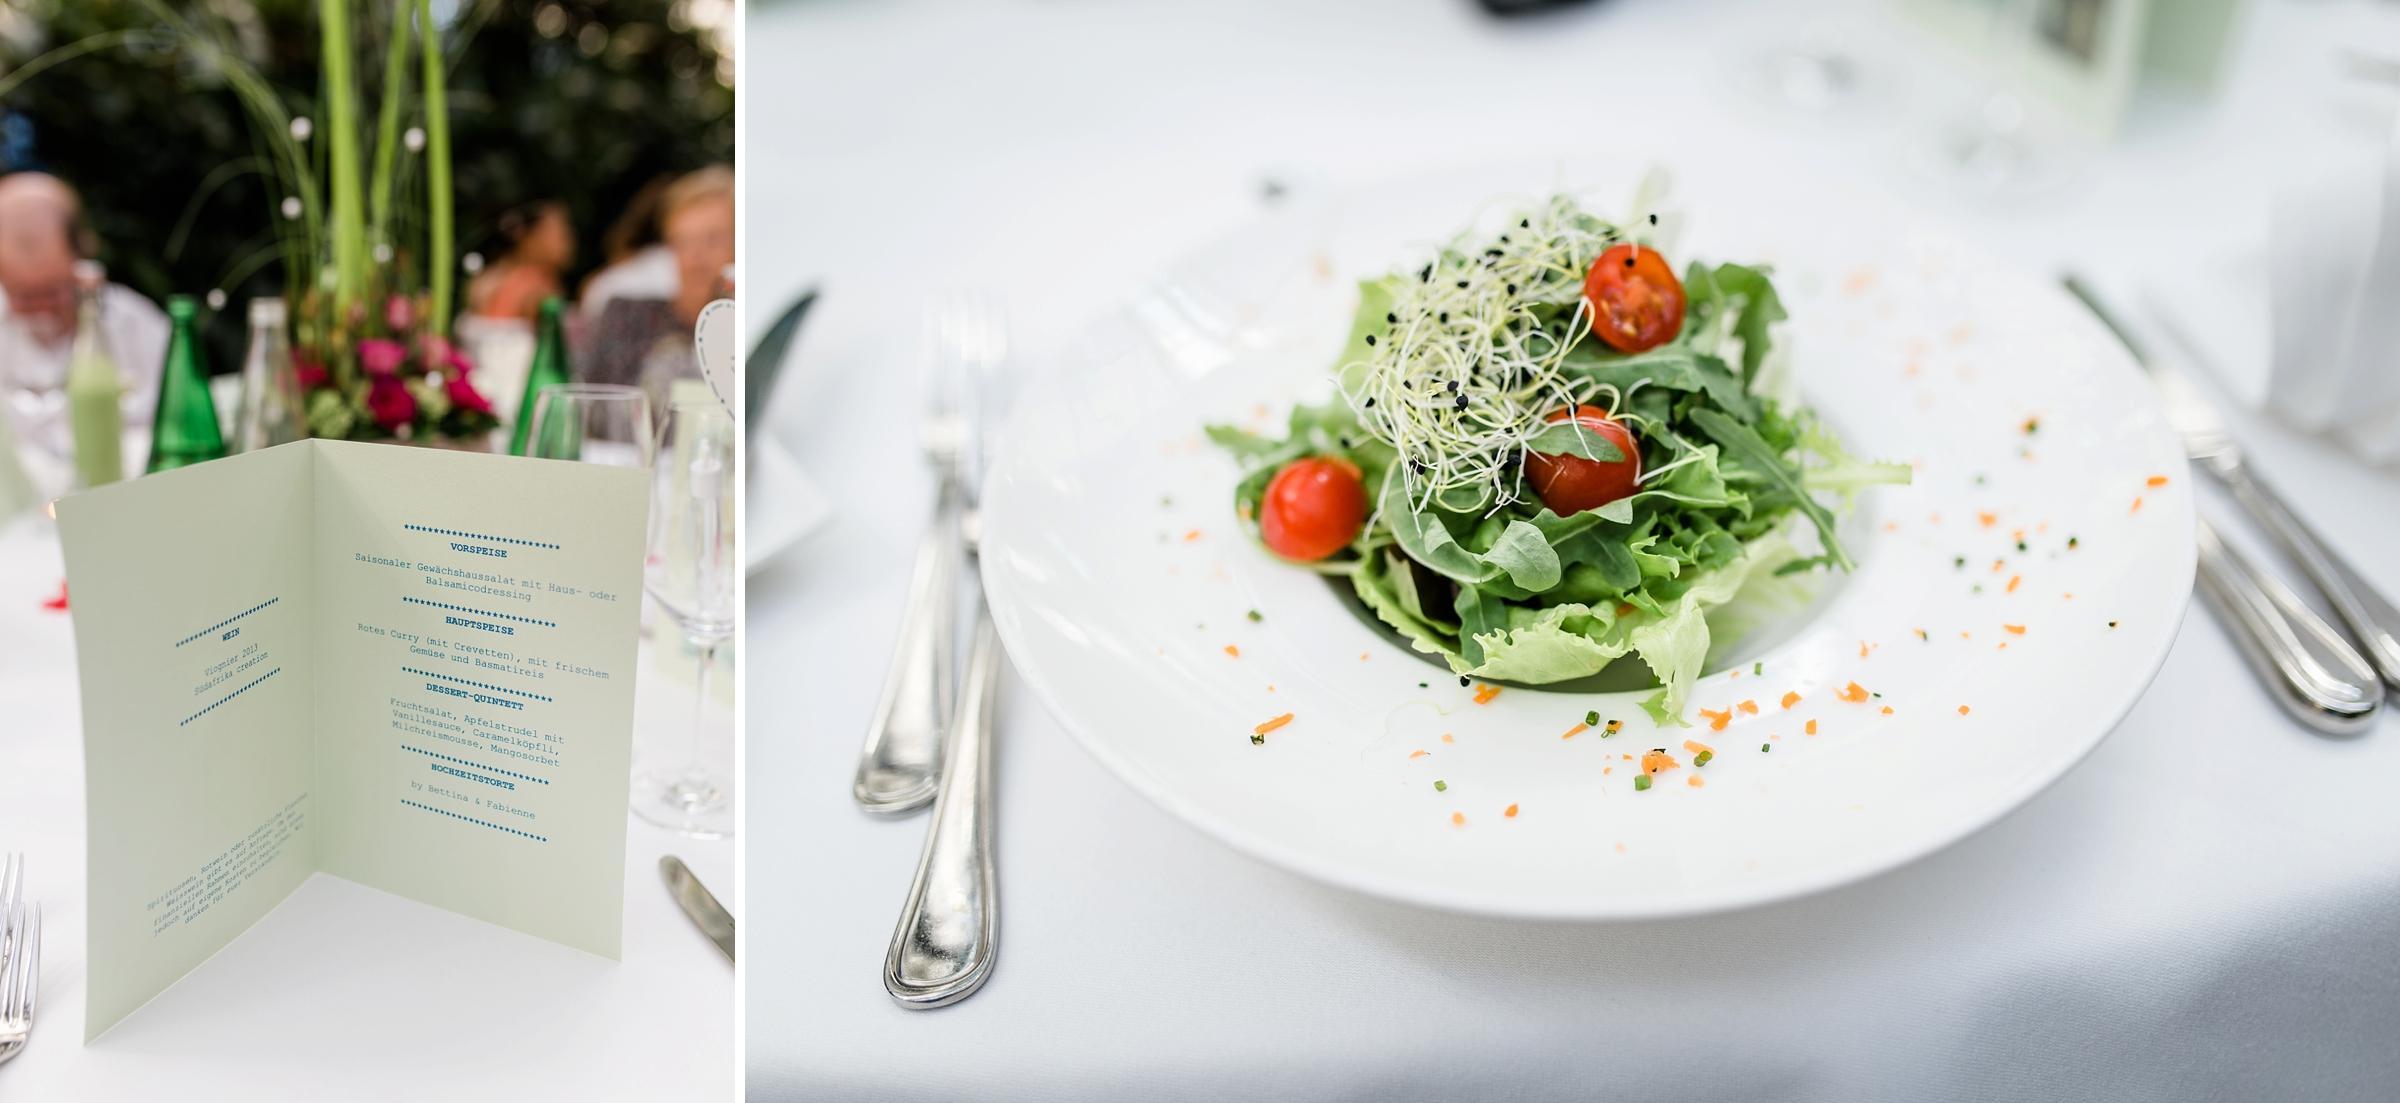 Hochzeitsfotograf-Zuerich-Giardino-Verde-Uetikon-Hochzeitsmenue-Salat